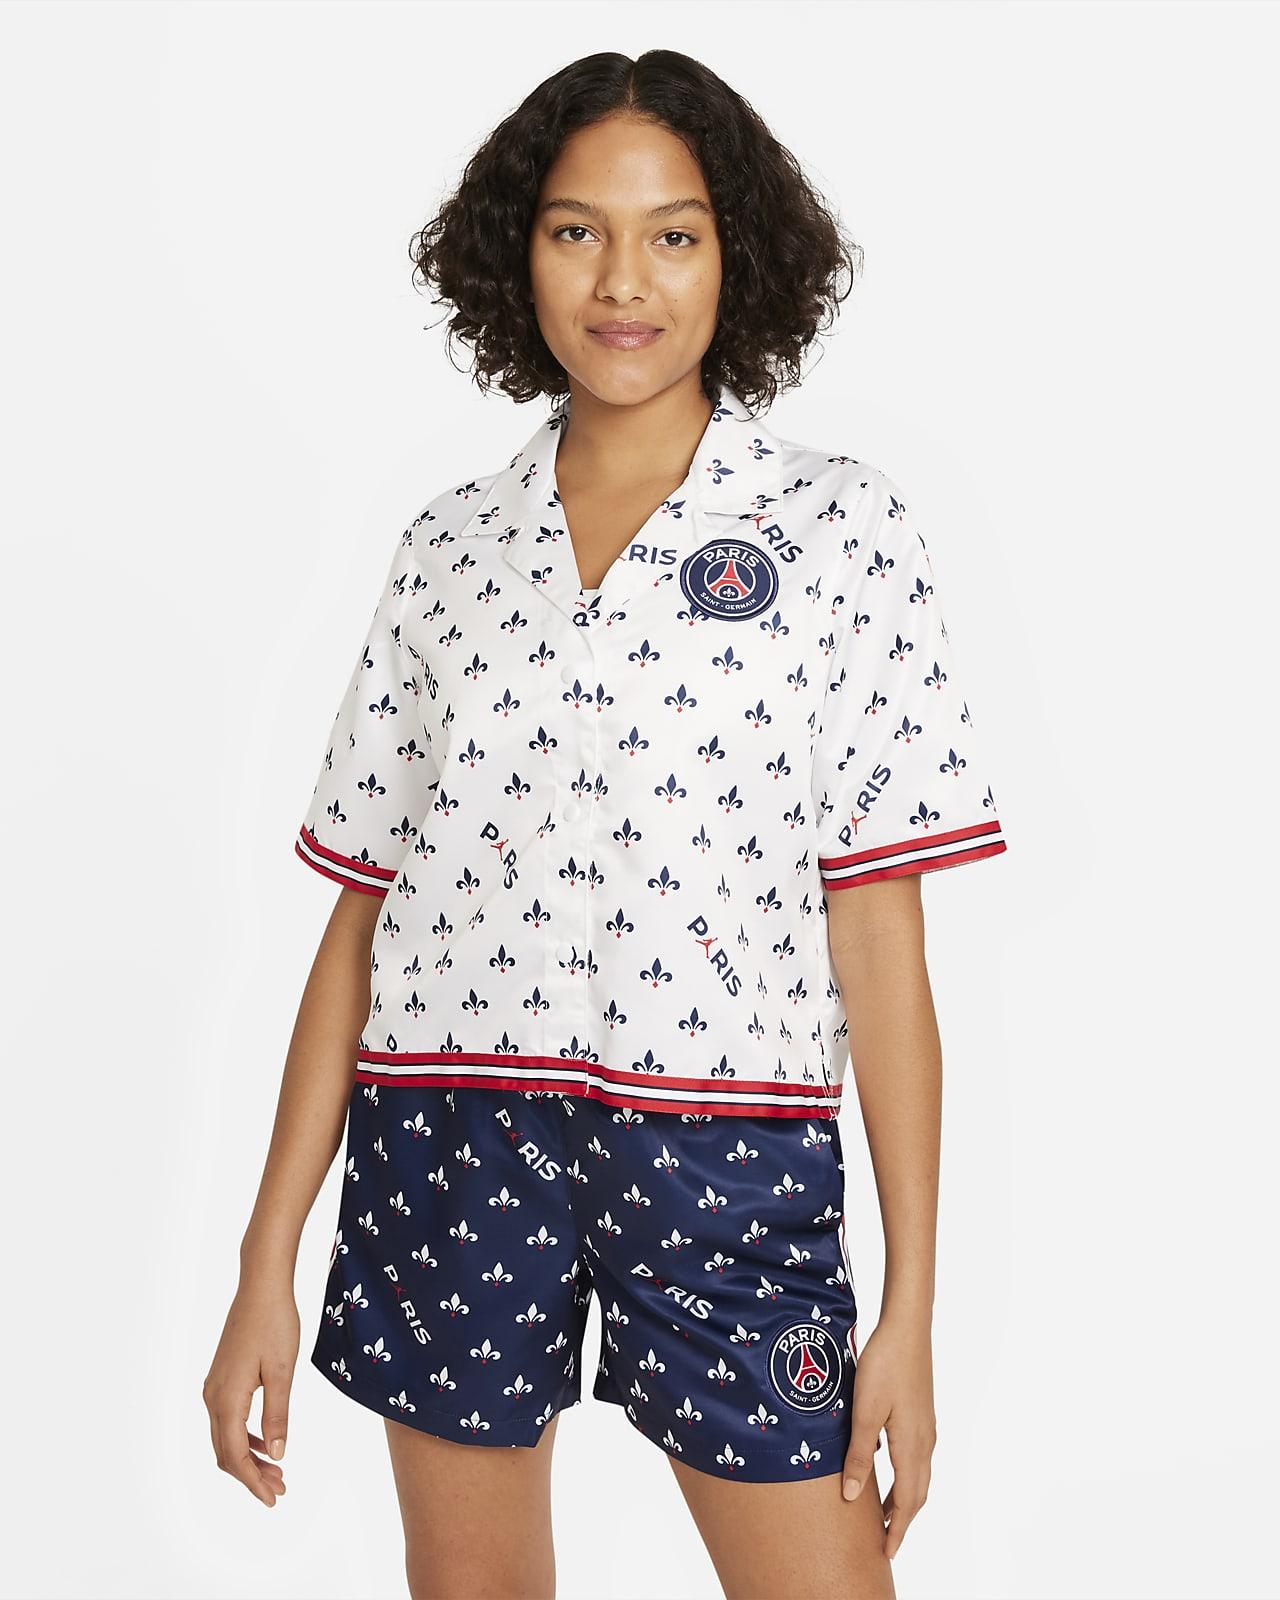 Damska koszulka piłkarska z krótkim rękawem i nadrukiem Paris Saint-Germain